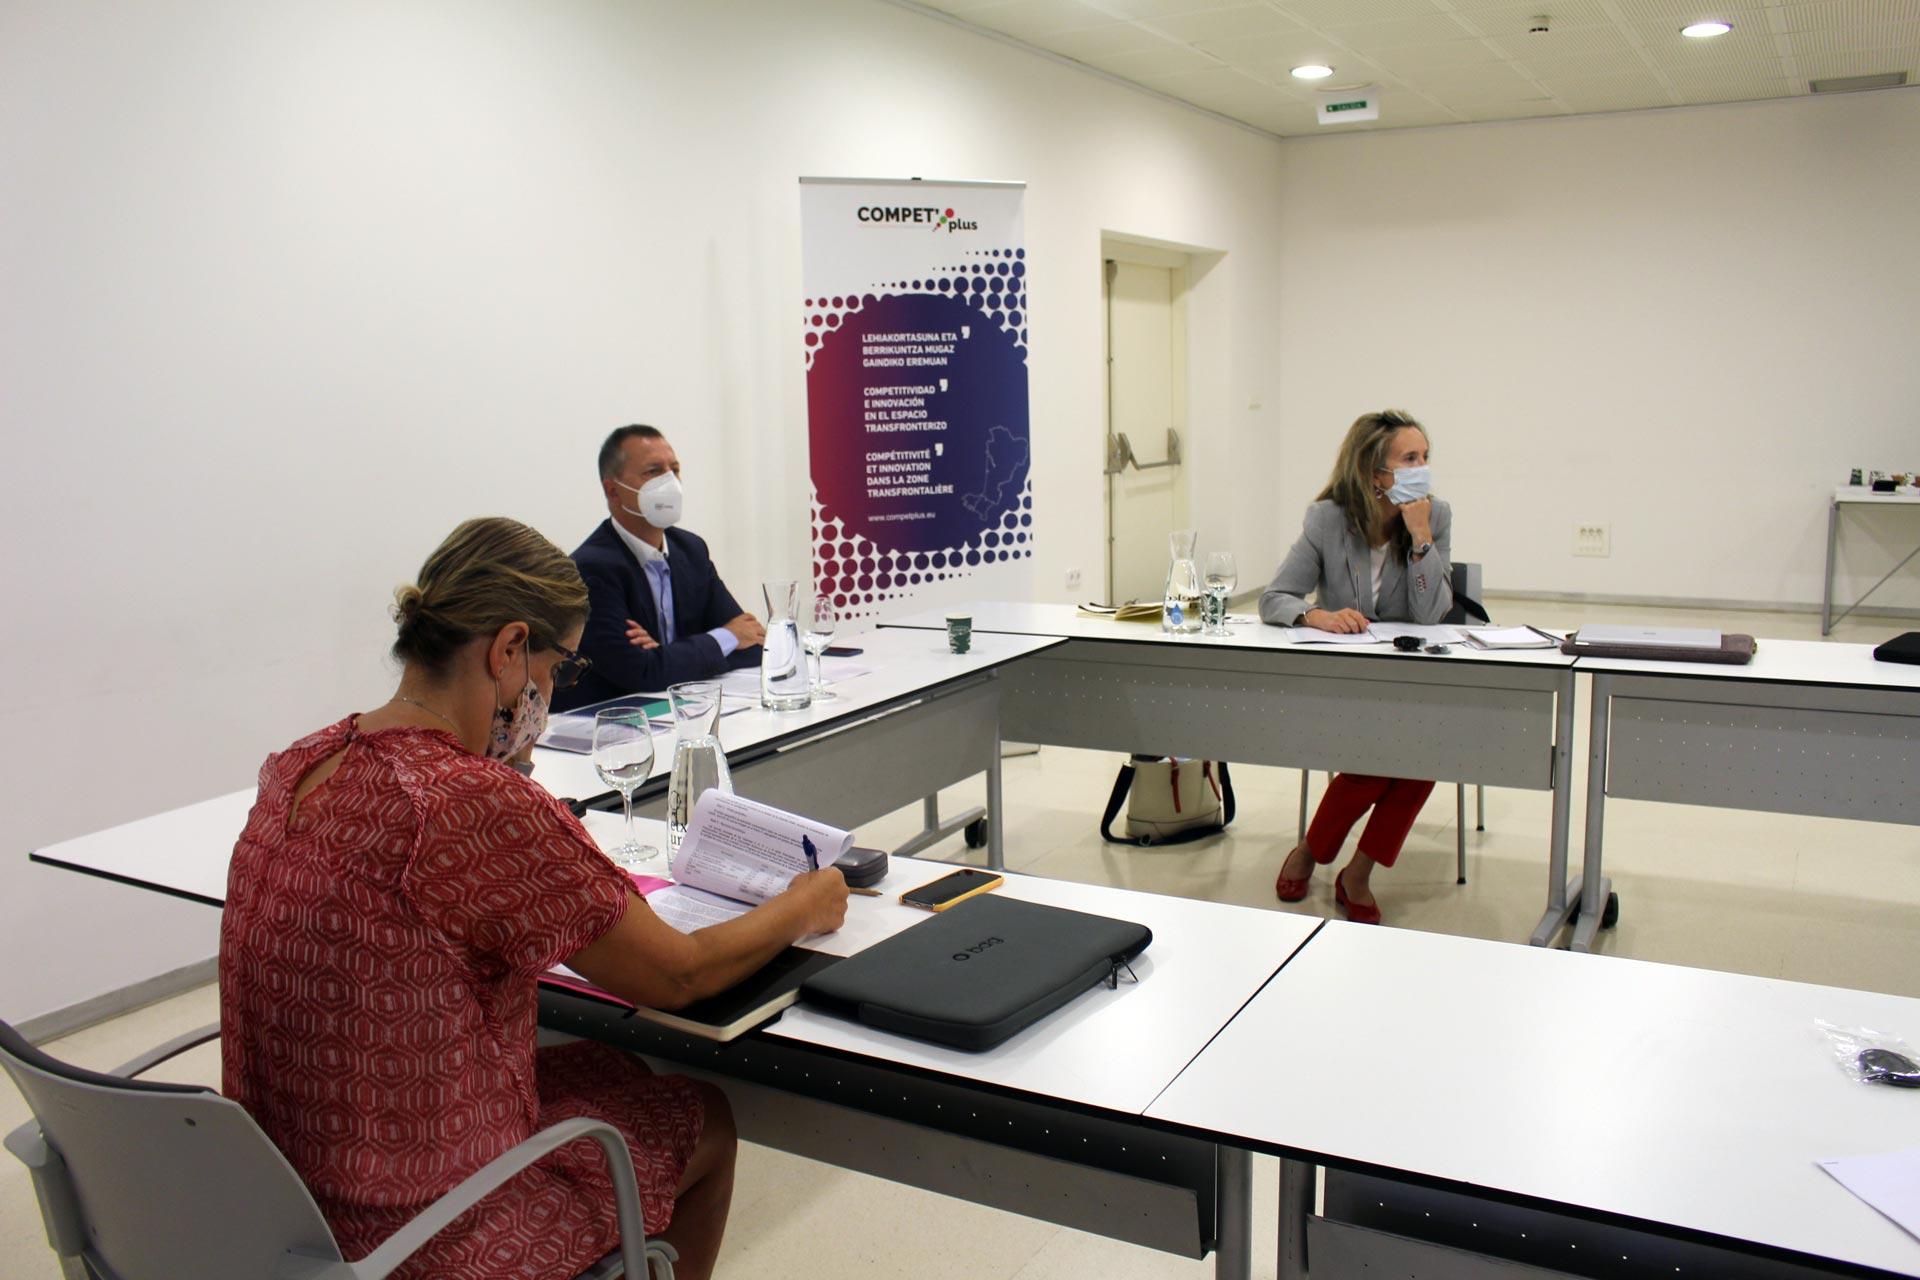 COMPET plus, le projet transfrontalier abordant la compétitivité des entreprises et l'innovation au sein des PME en Nouvelle-Aquitaine, Euskadi et Navarre réunit son premier comité stratégique